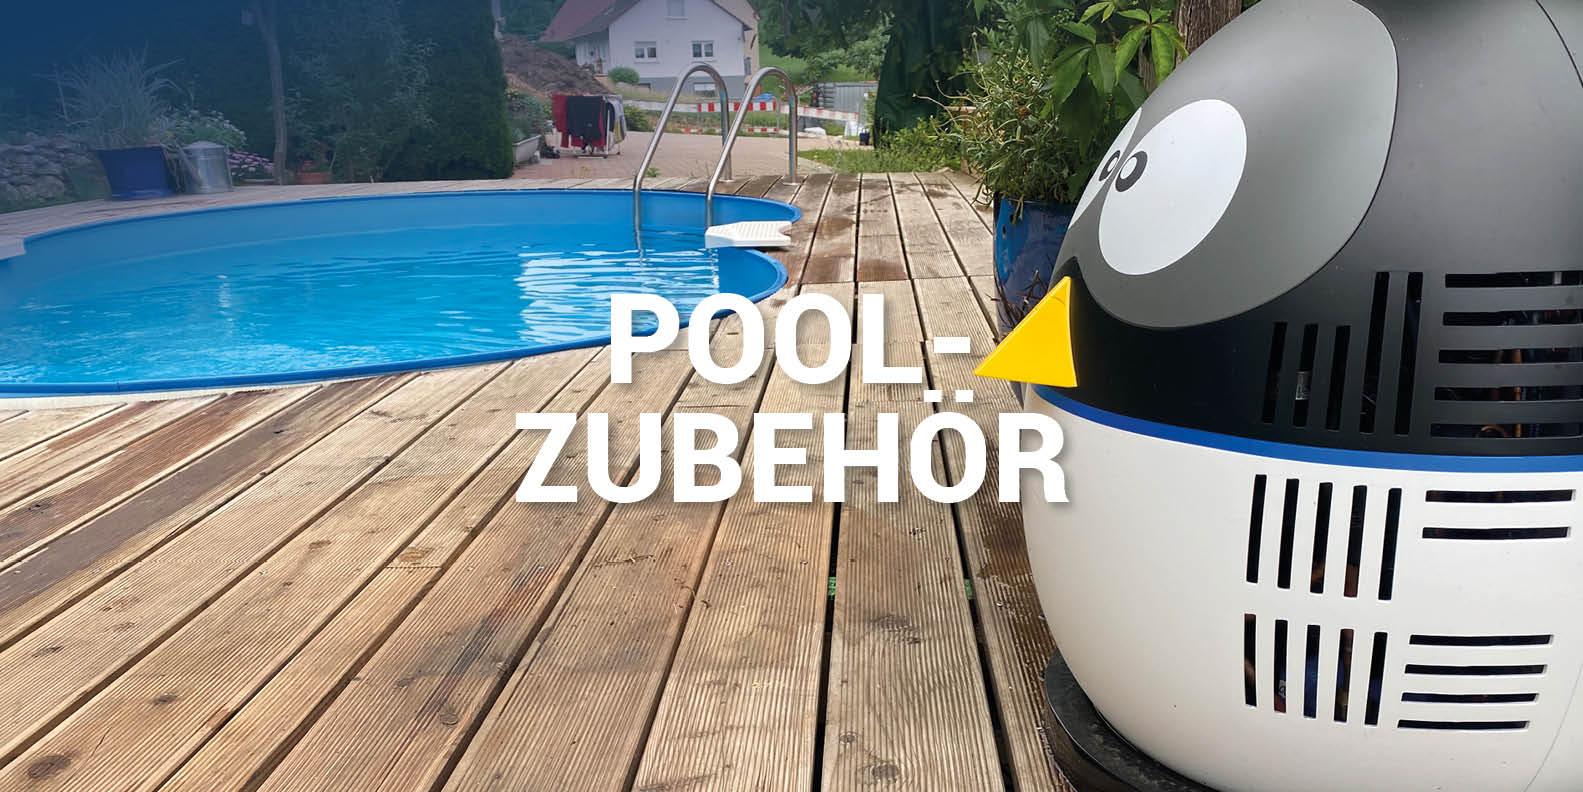 Pool-Zubehör bei Fresh-Pool